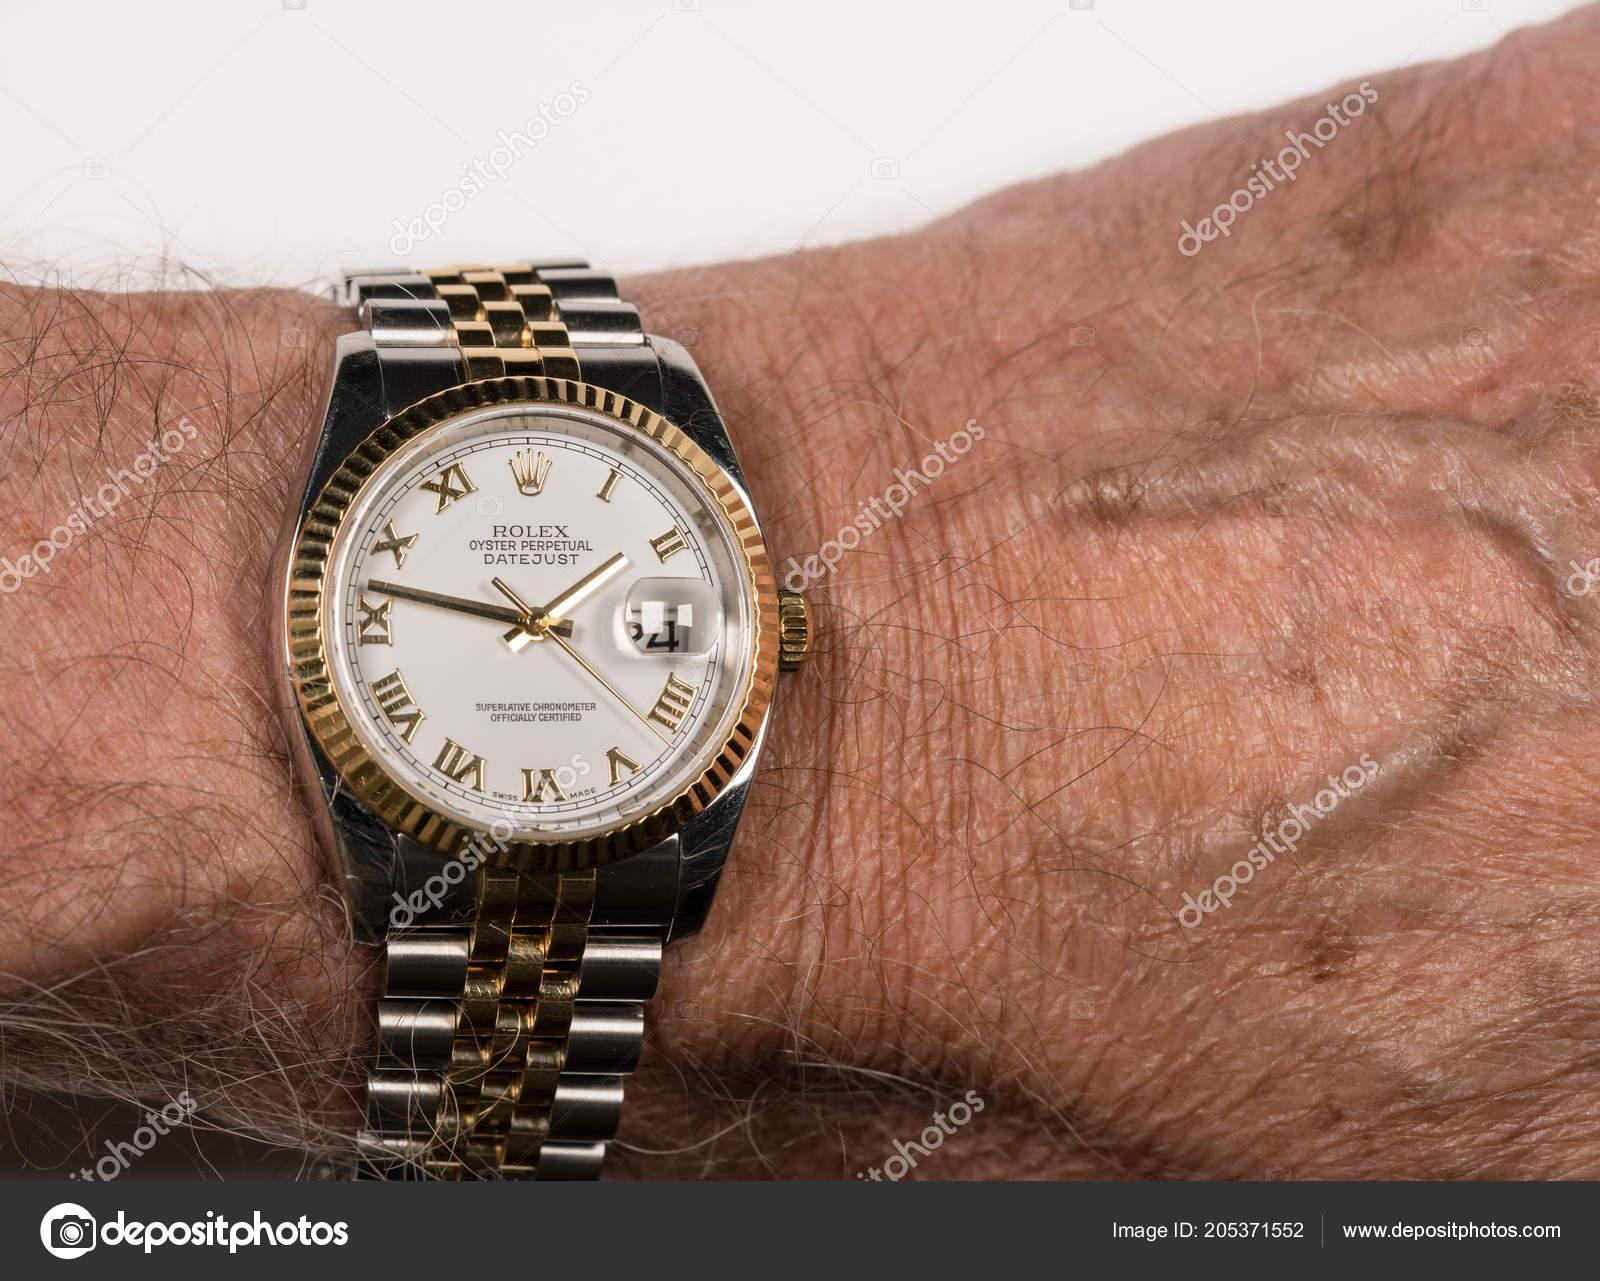 87db7af6d10 Rolex Datejust Oyster mens relógio no pulso de macho velho ...